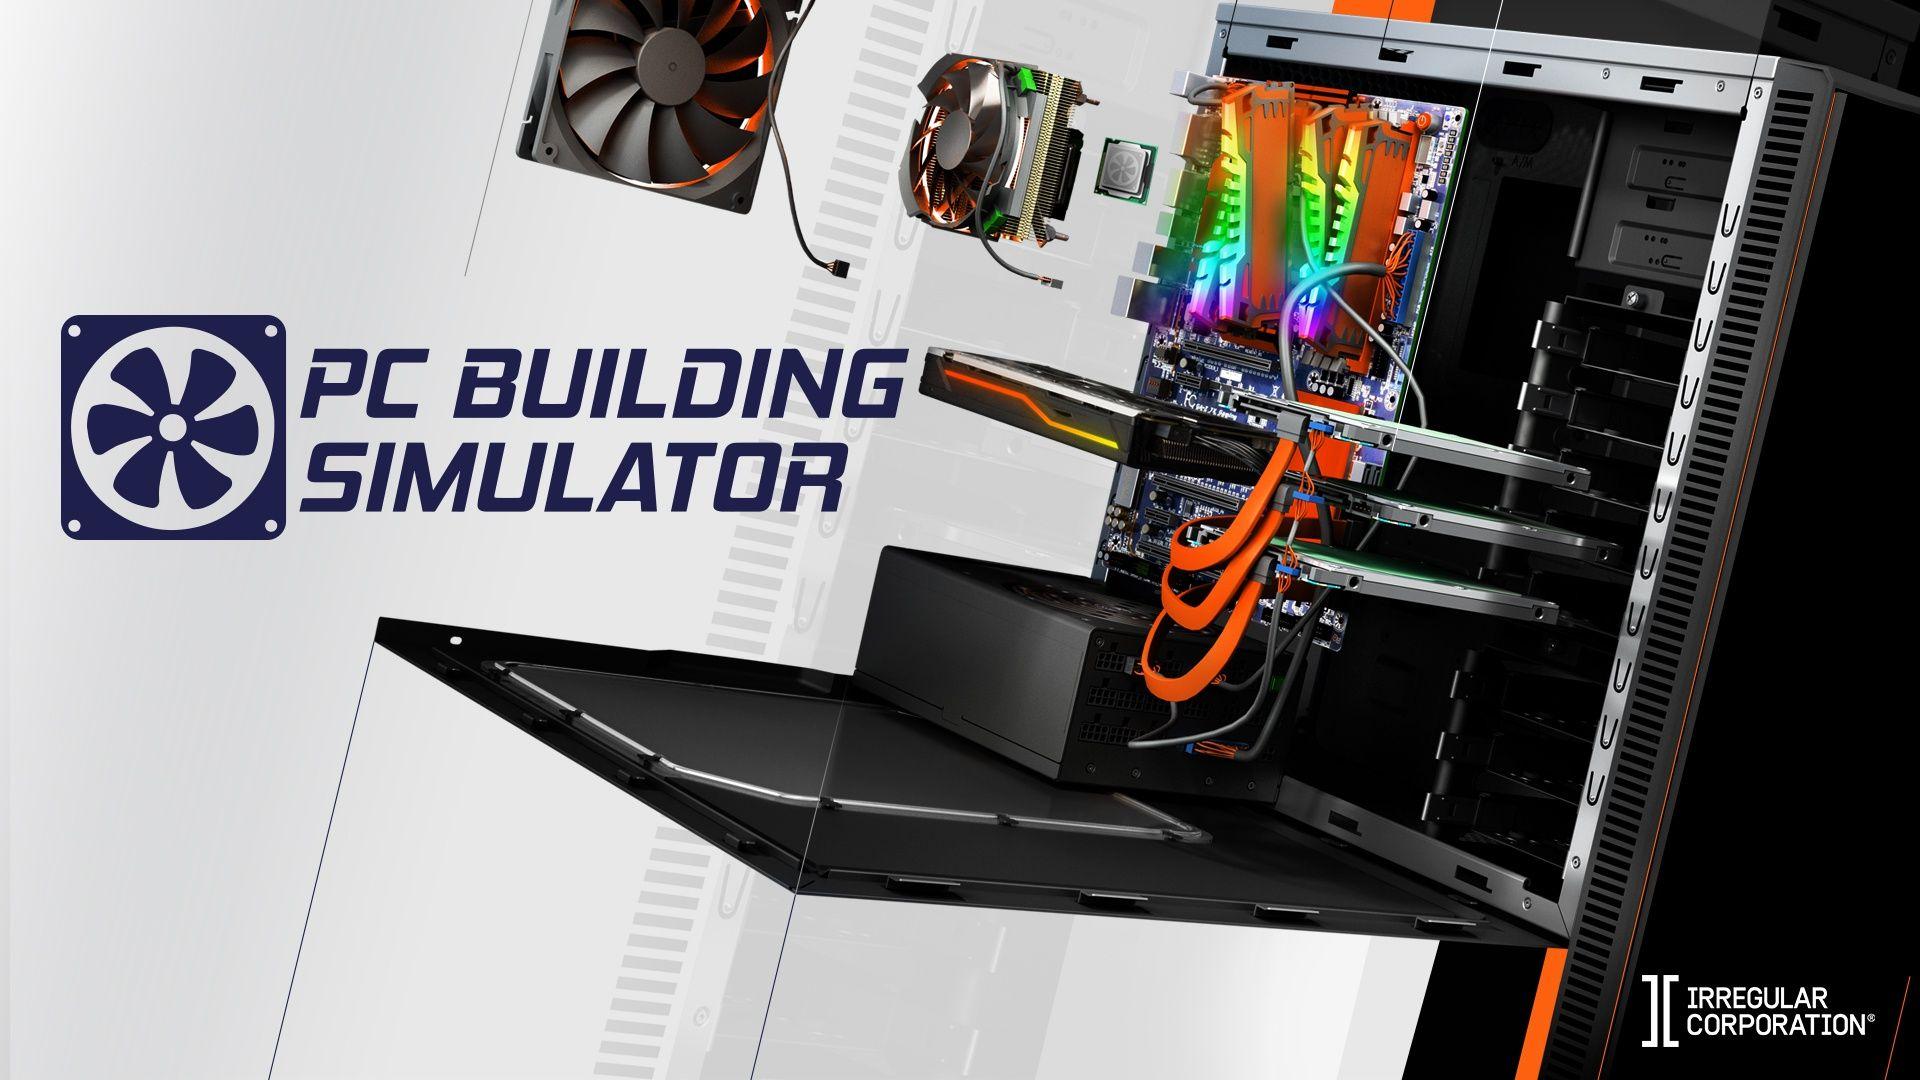 PC Building Simulator za darmo w Epic Games Store